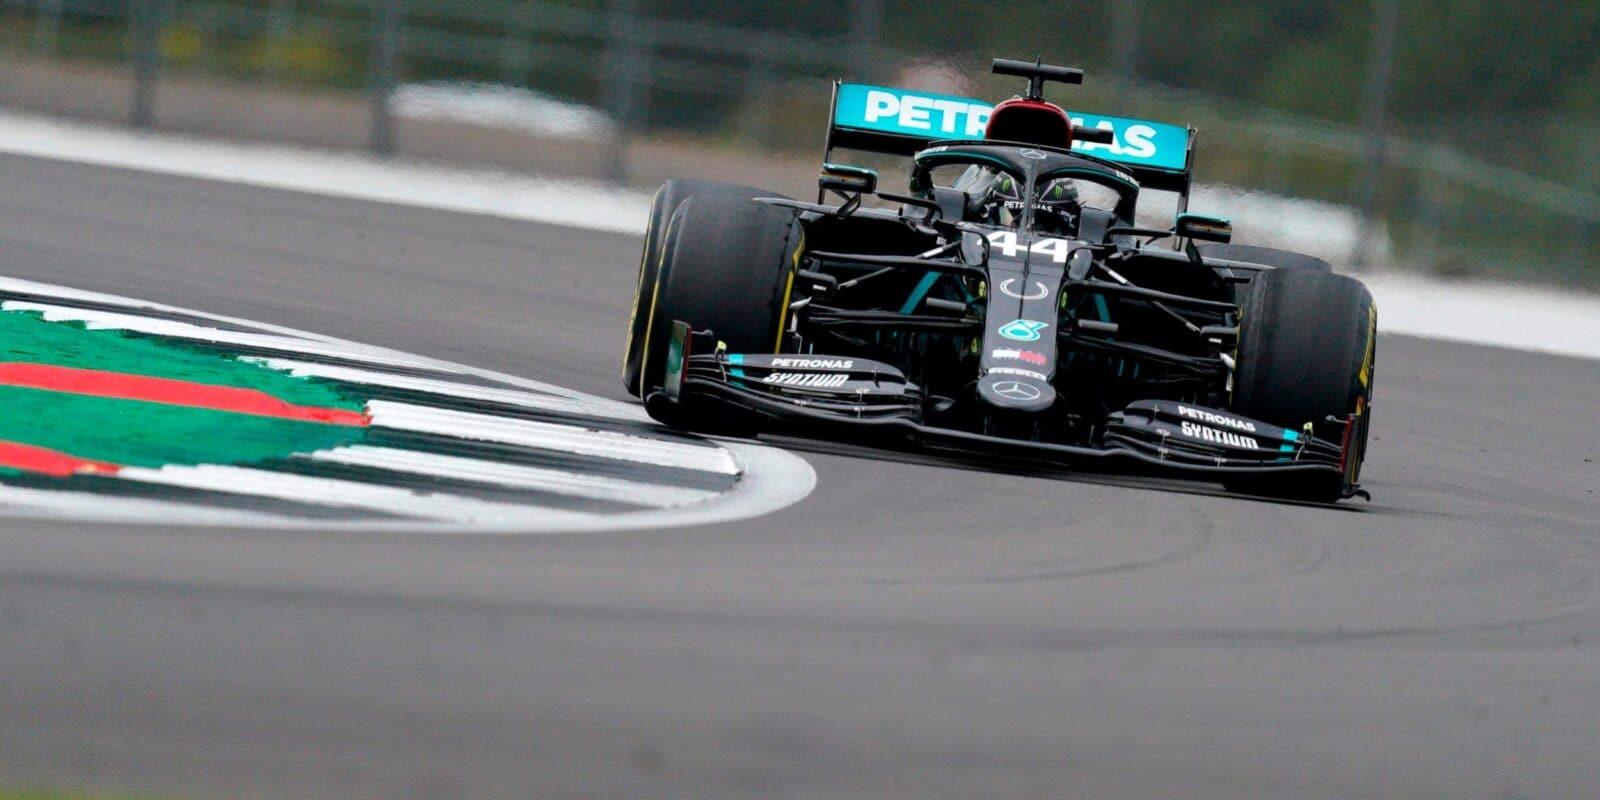 Mercedes nejrychlejší i odpoledne, Ricciardo třetí